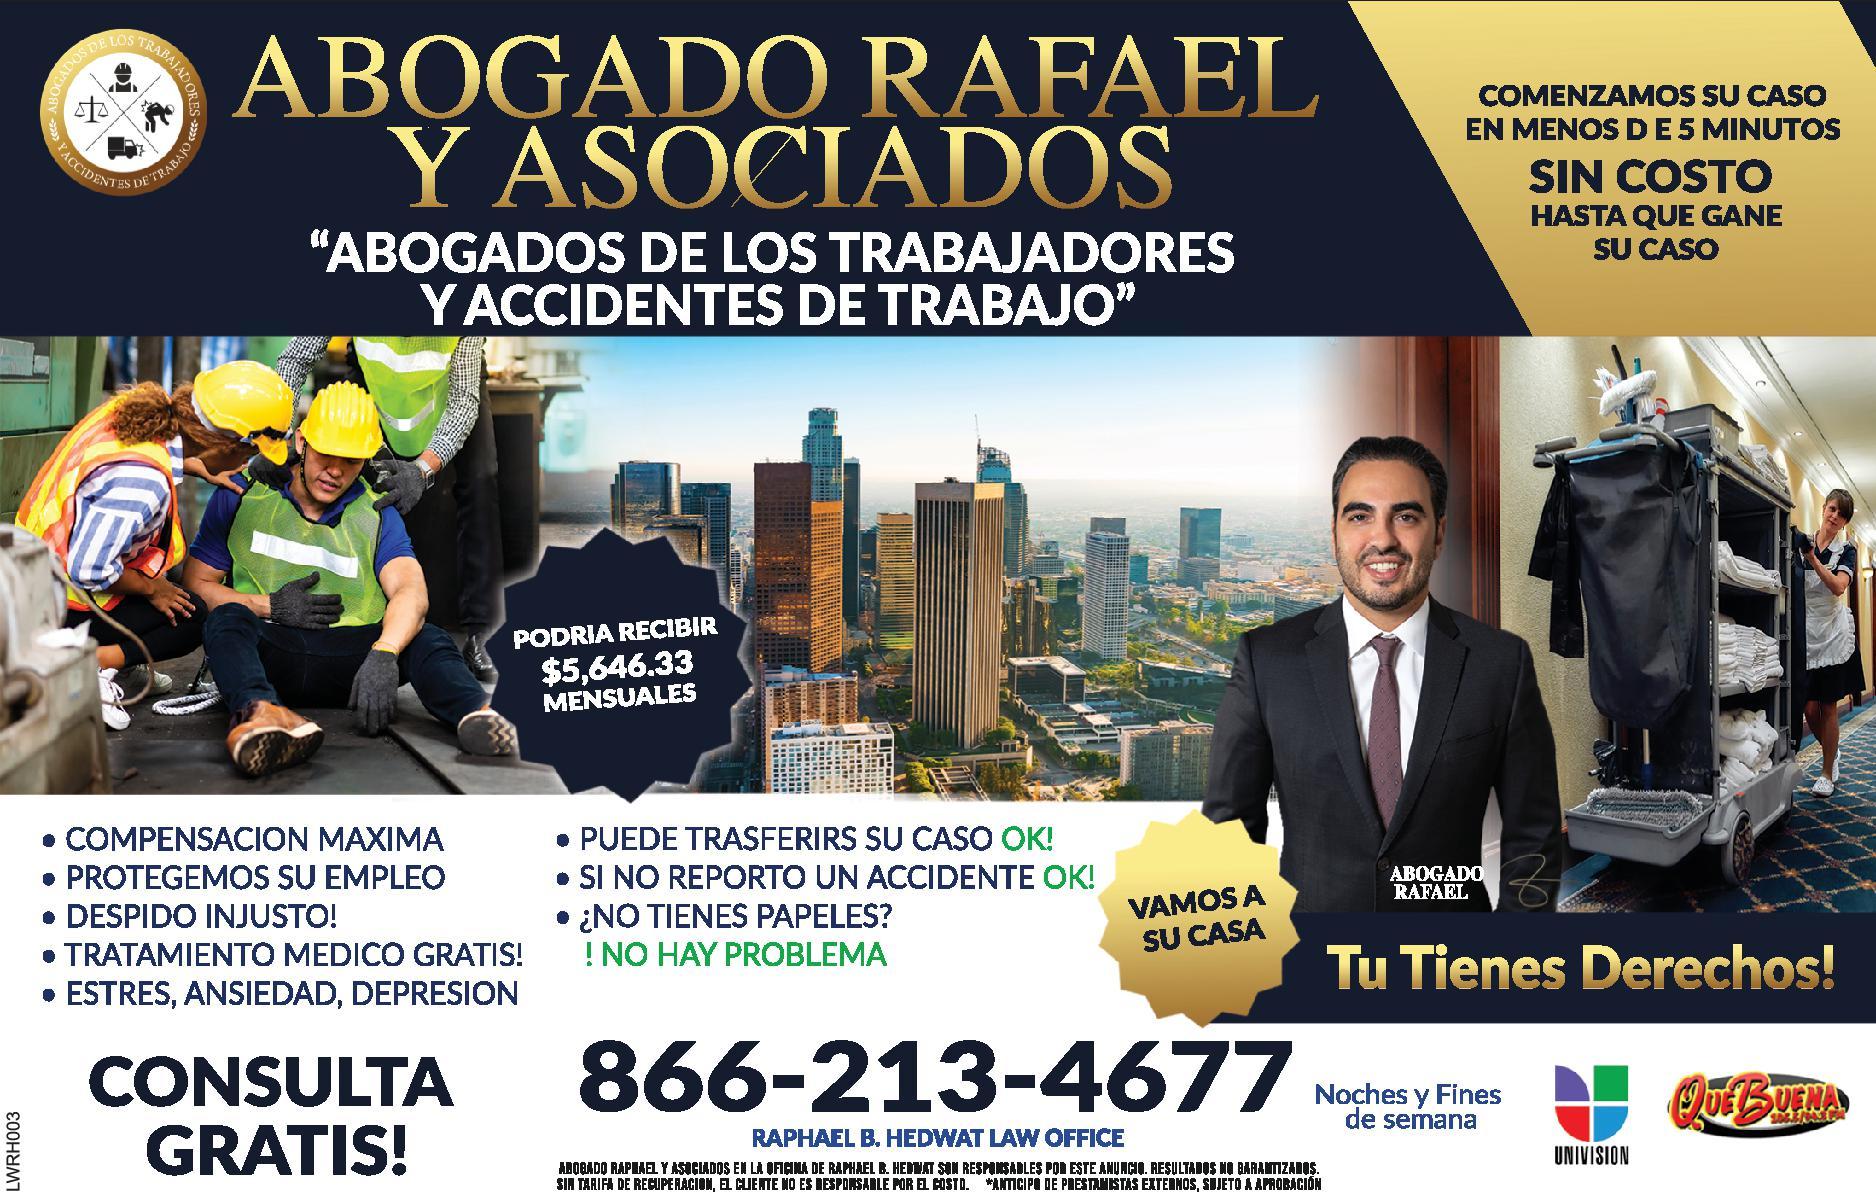 Oficinas Legales De Raphael B. Hedwat / Law Offices Of Raphael B. Hedwat